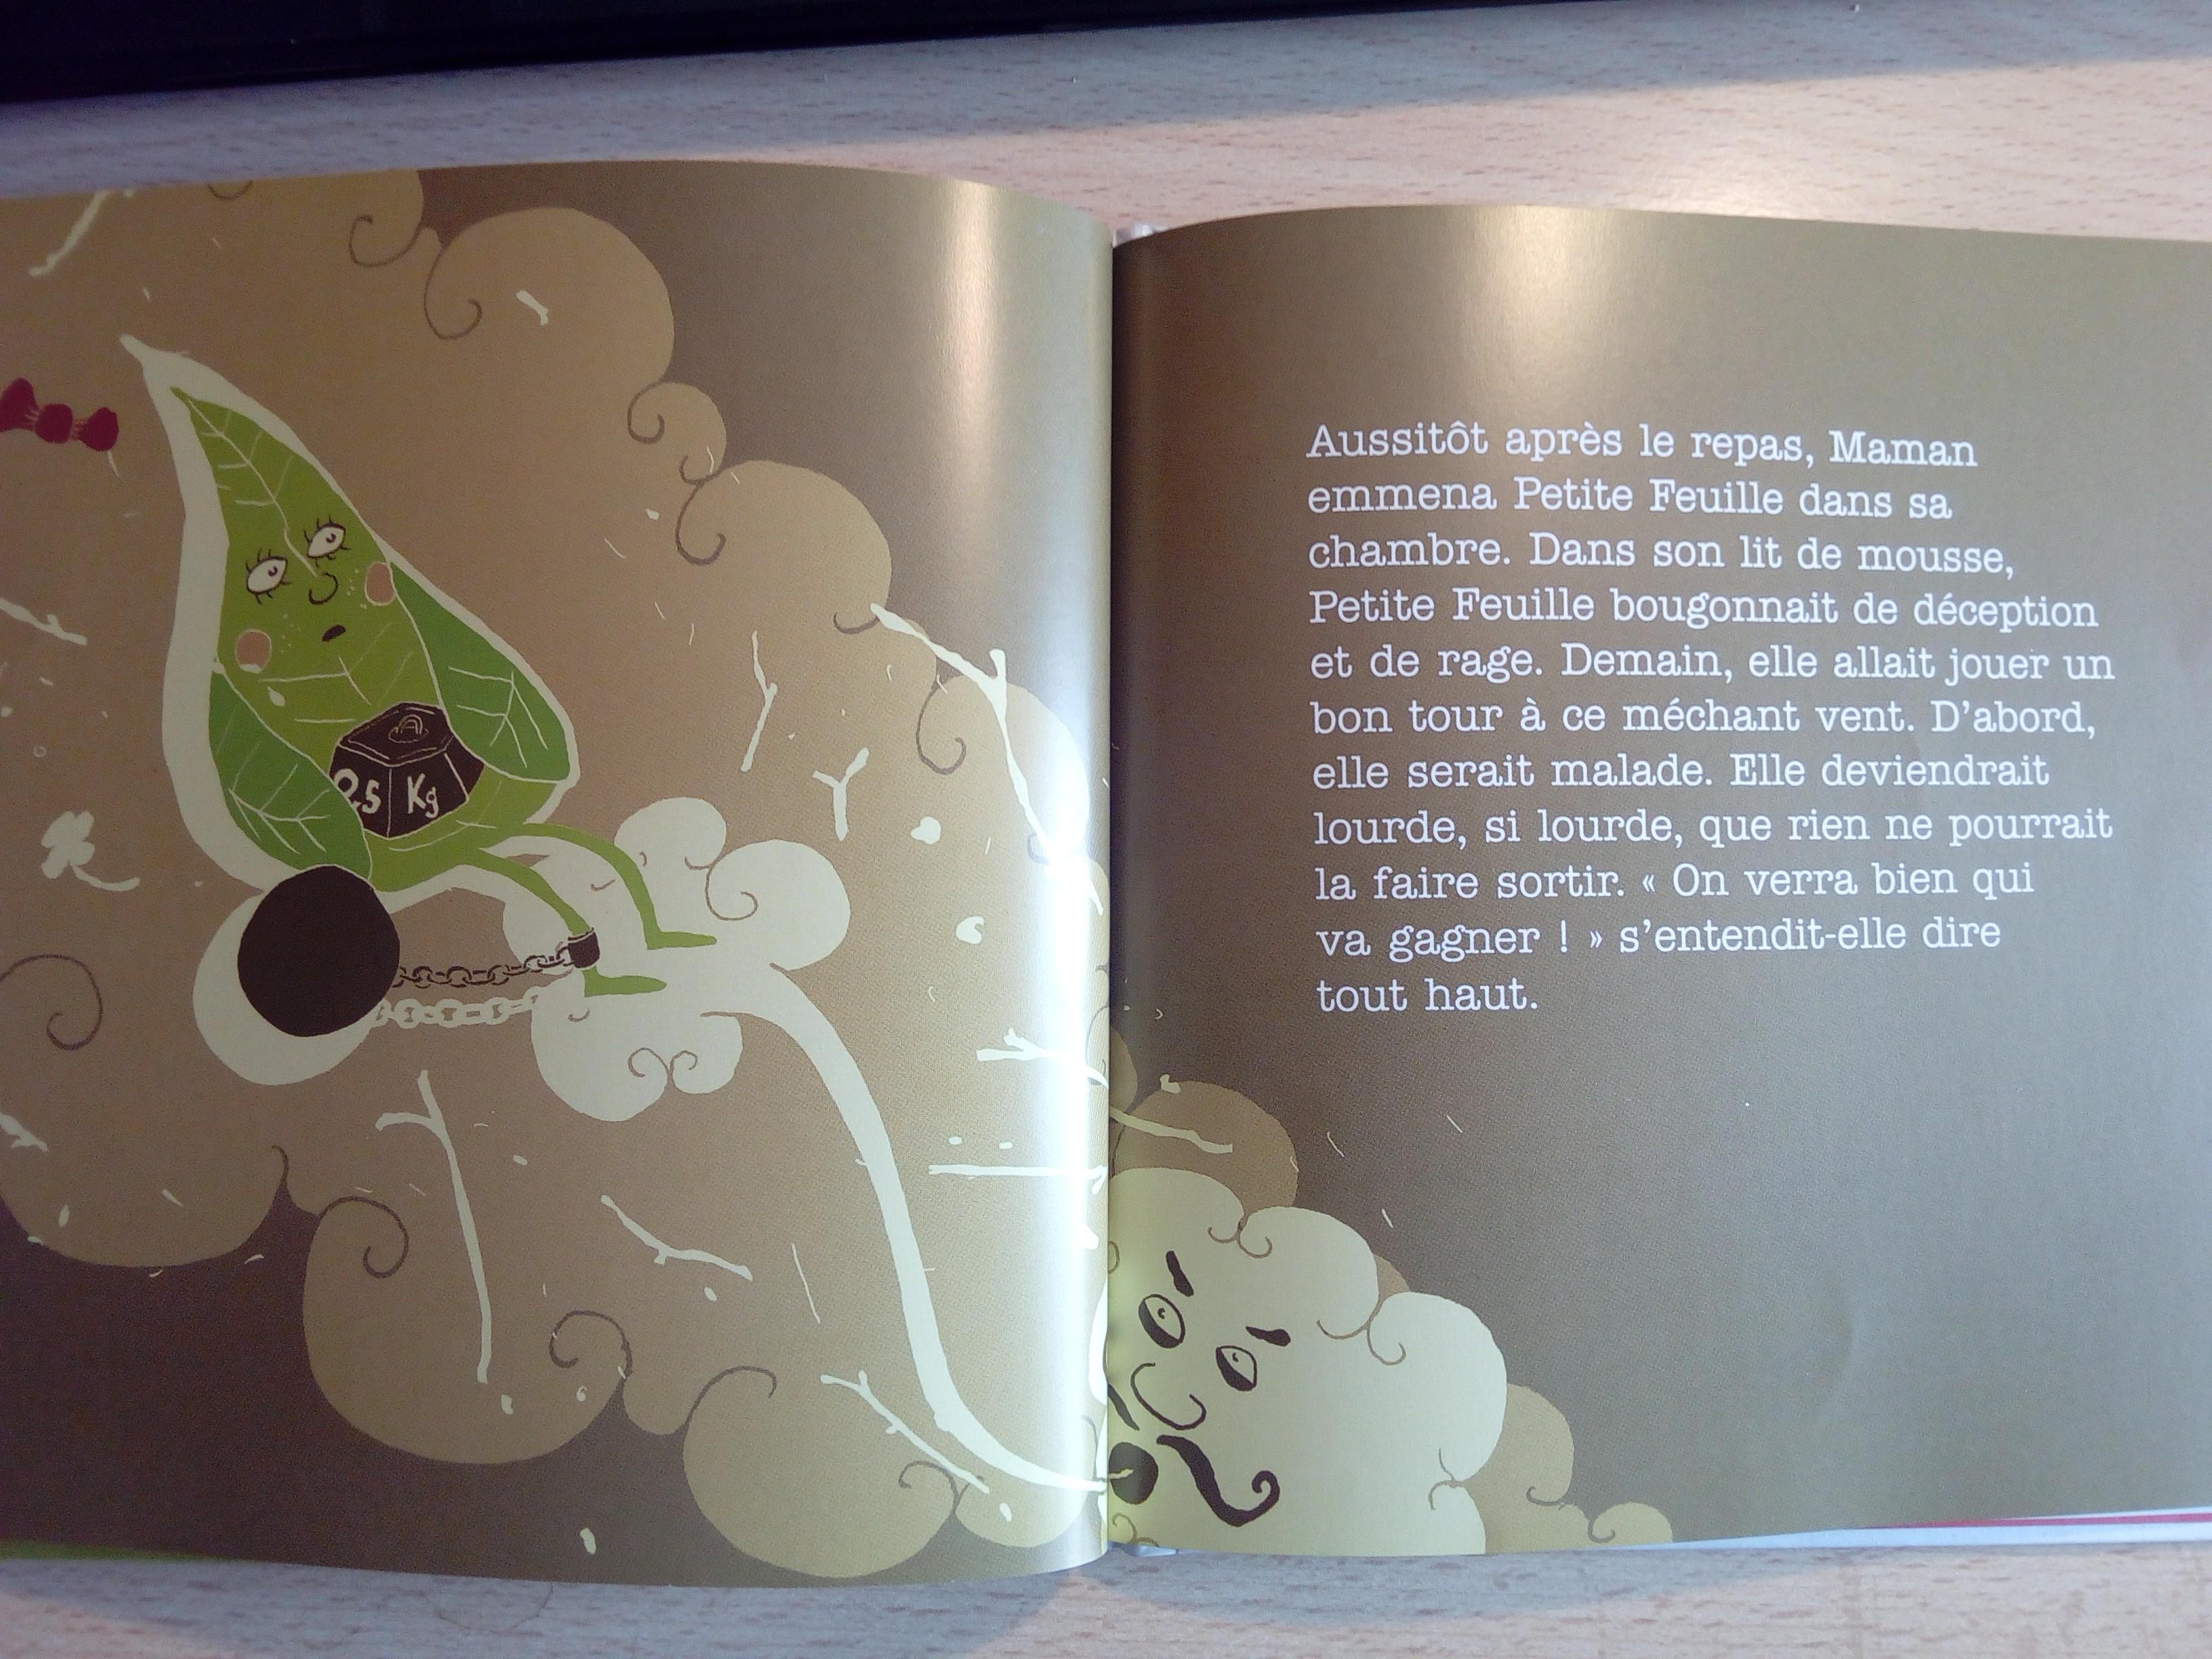 petite feuille n 39 aime pas le vent un livre pour aider les enfants surmonter l 39 angoisse de. Black Bedroom Furniture Sets. Home Design Ideas